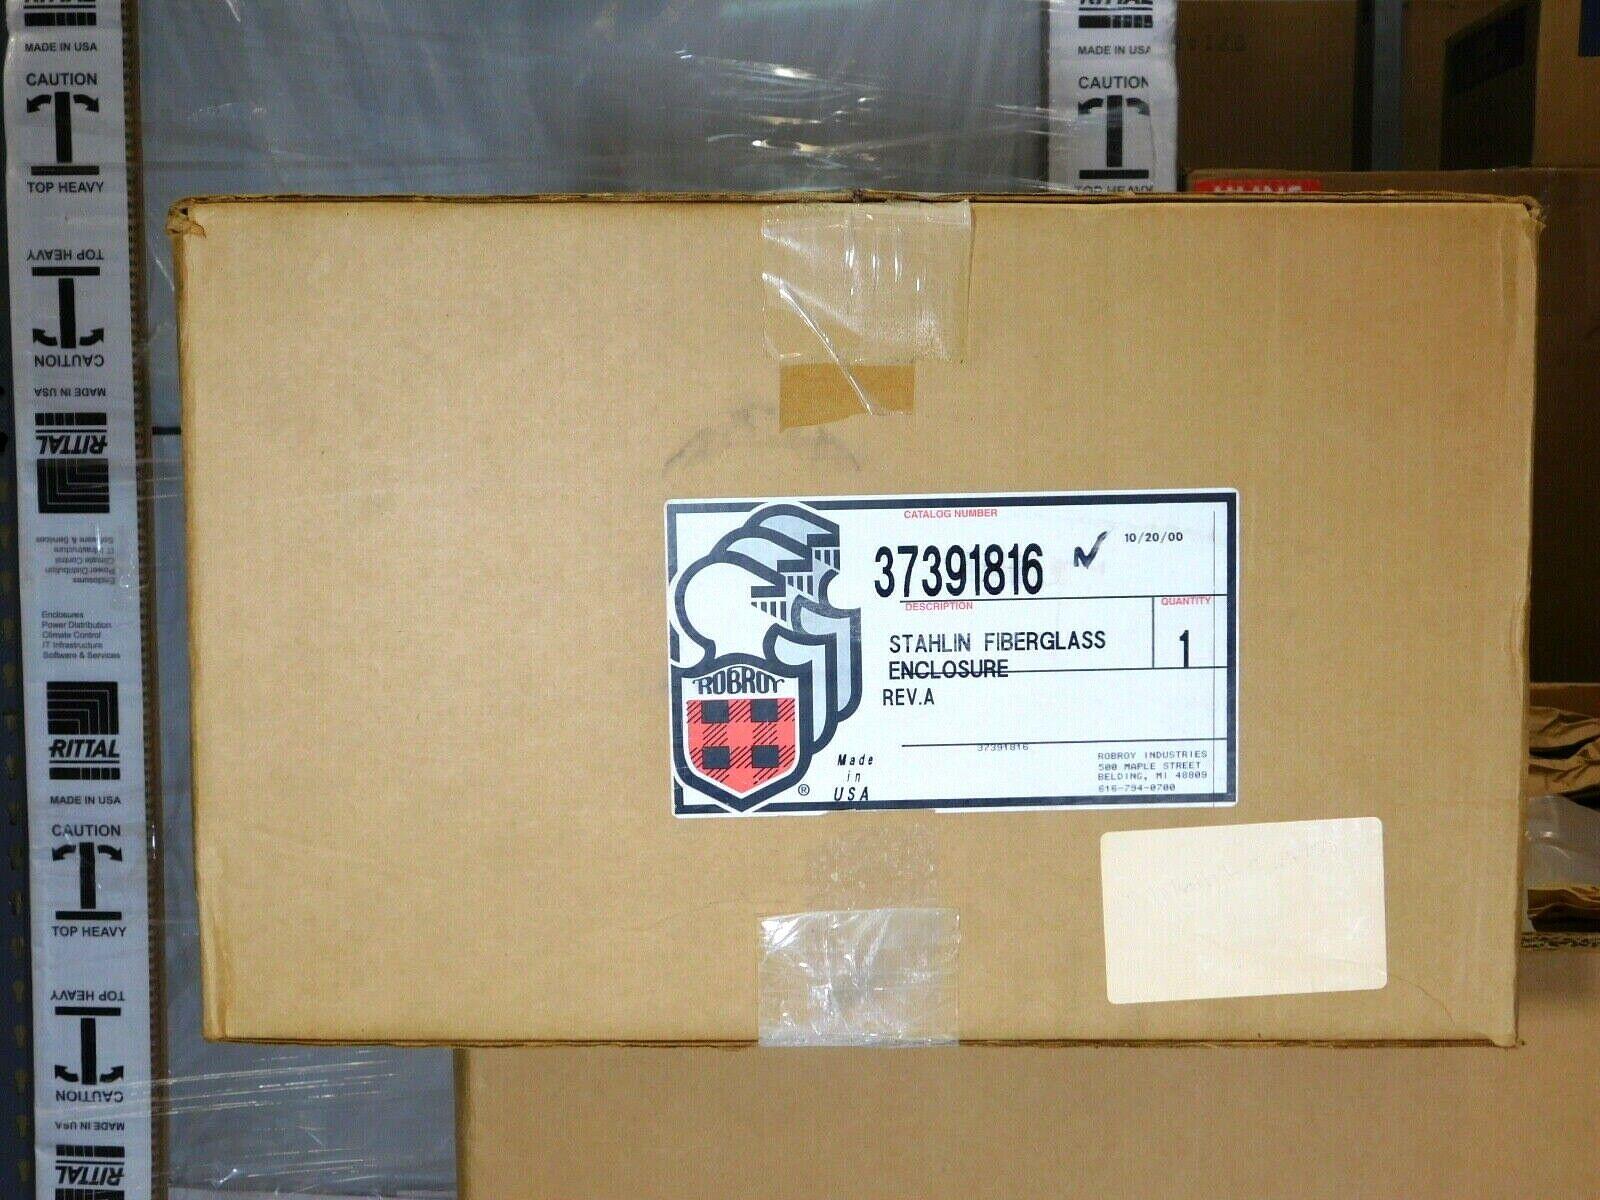 BRAND NEW - RobRoy 37391816 Stahlin Fibreglass Enclosure